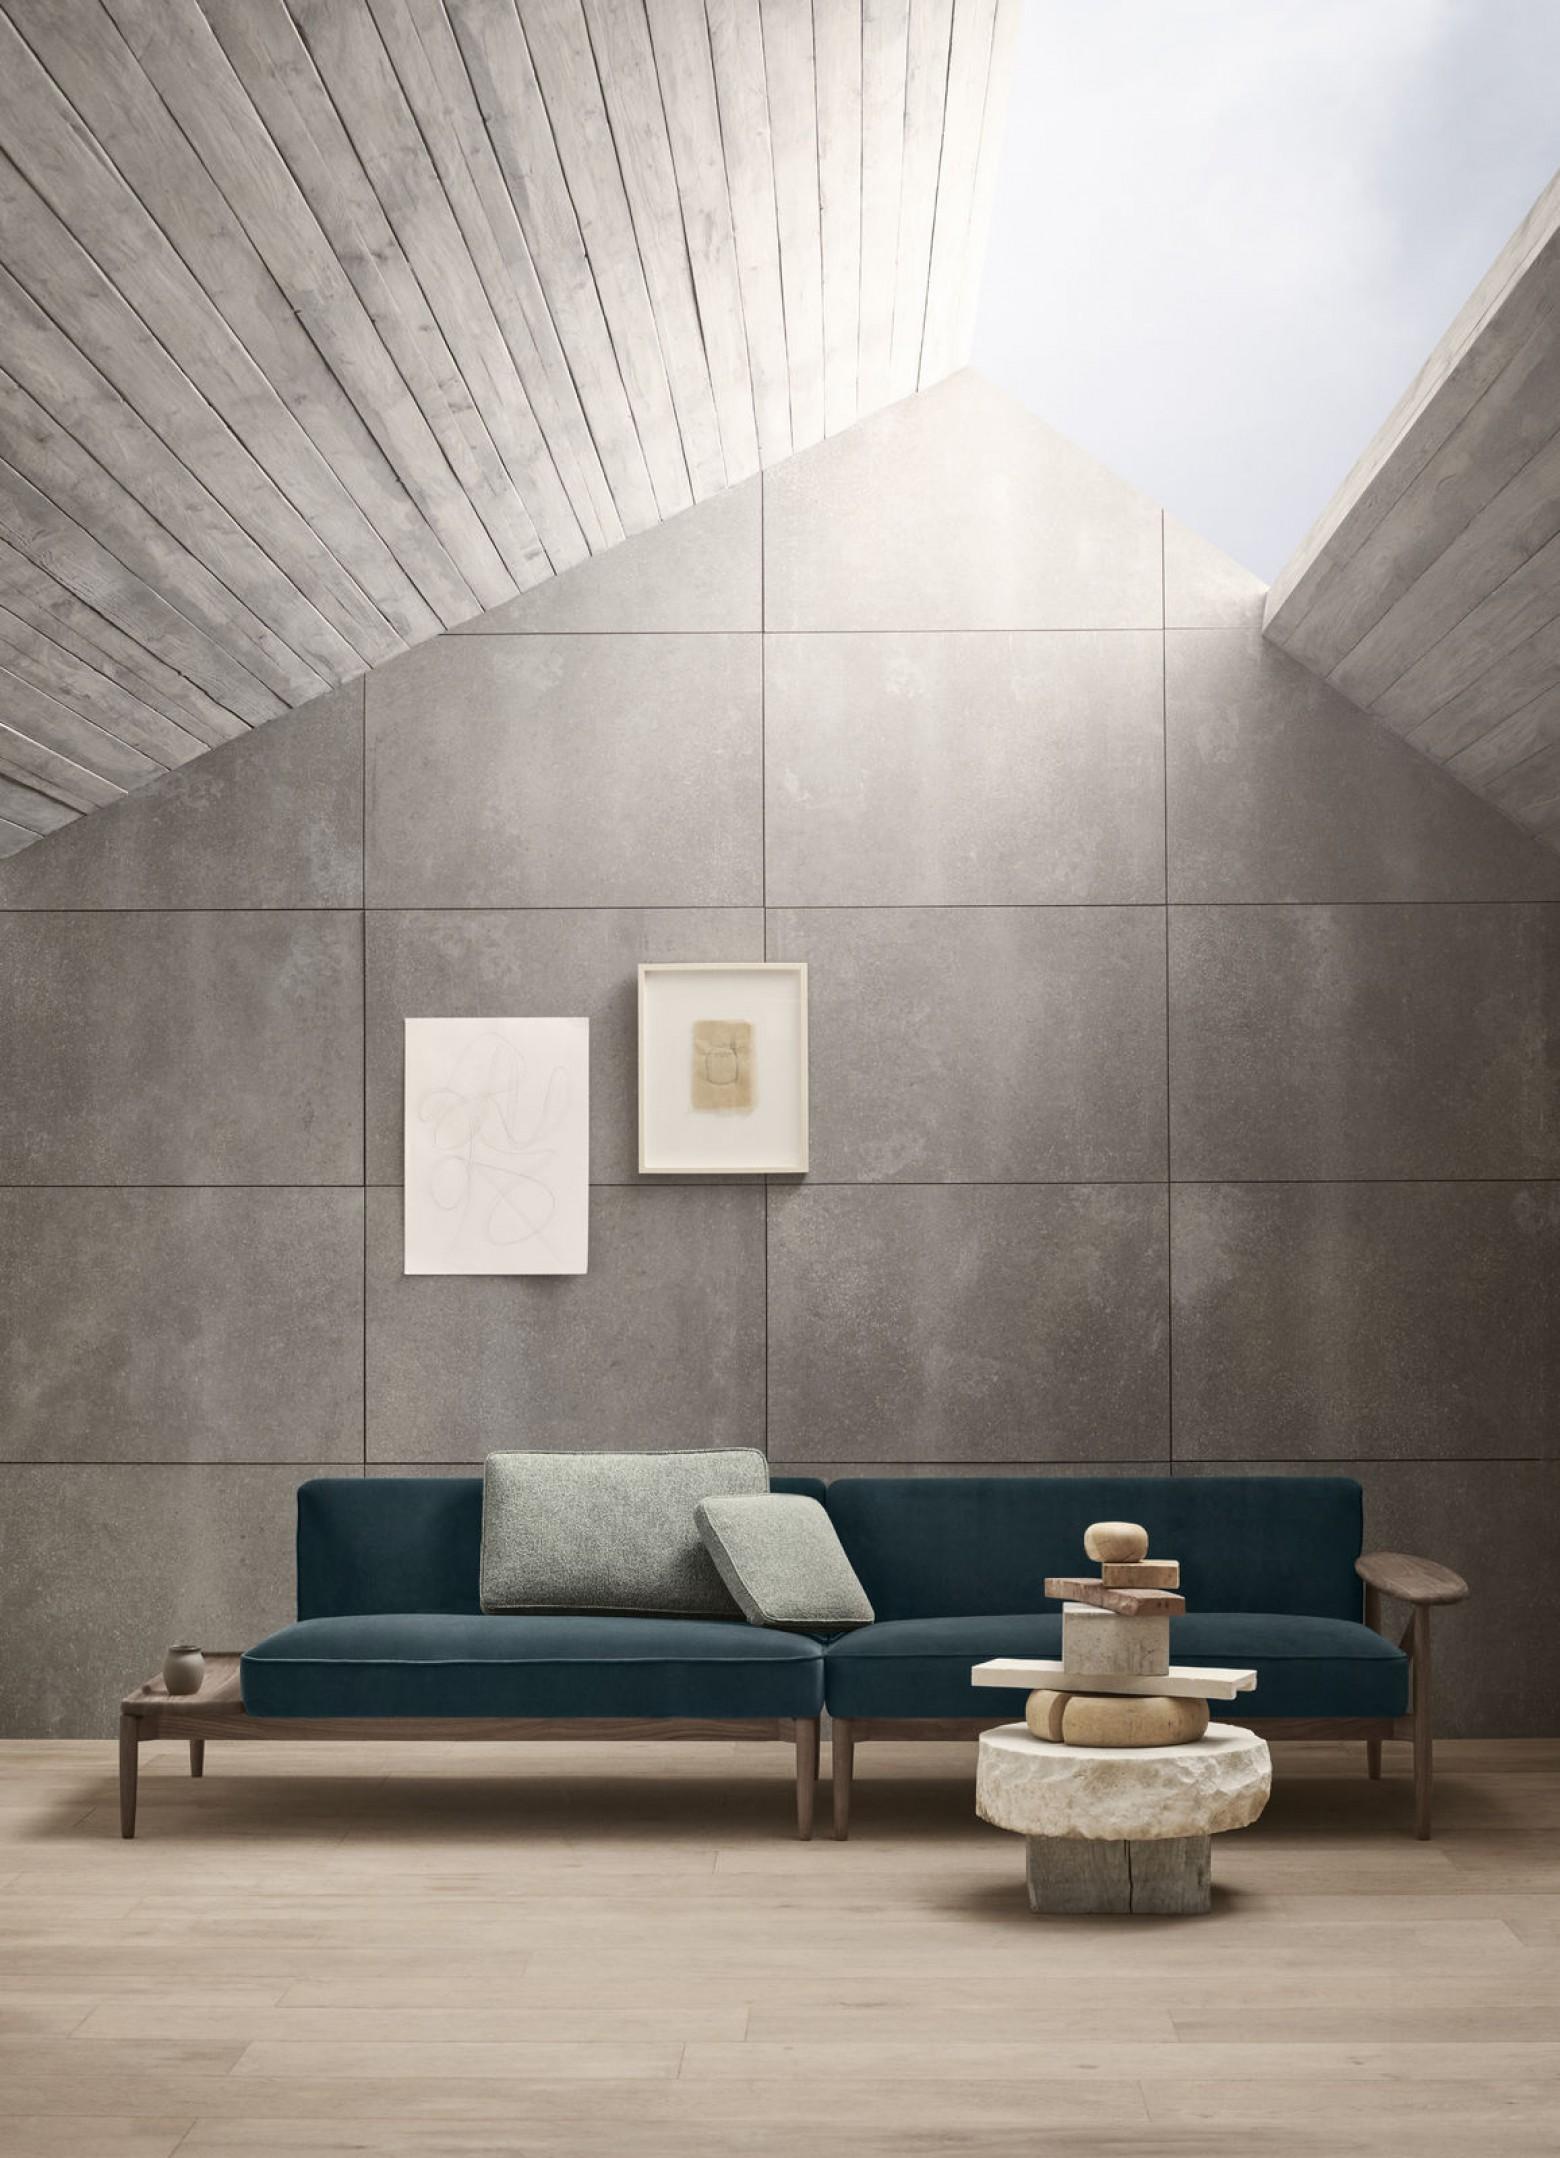 Détails sublime au moyen d'un cadre en bois massif : table, accoudoir, ... Victors Design Agency